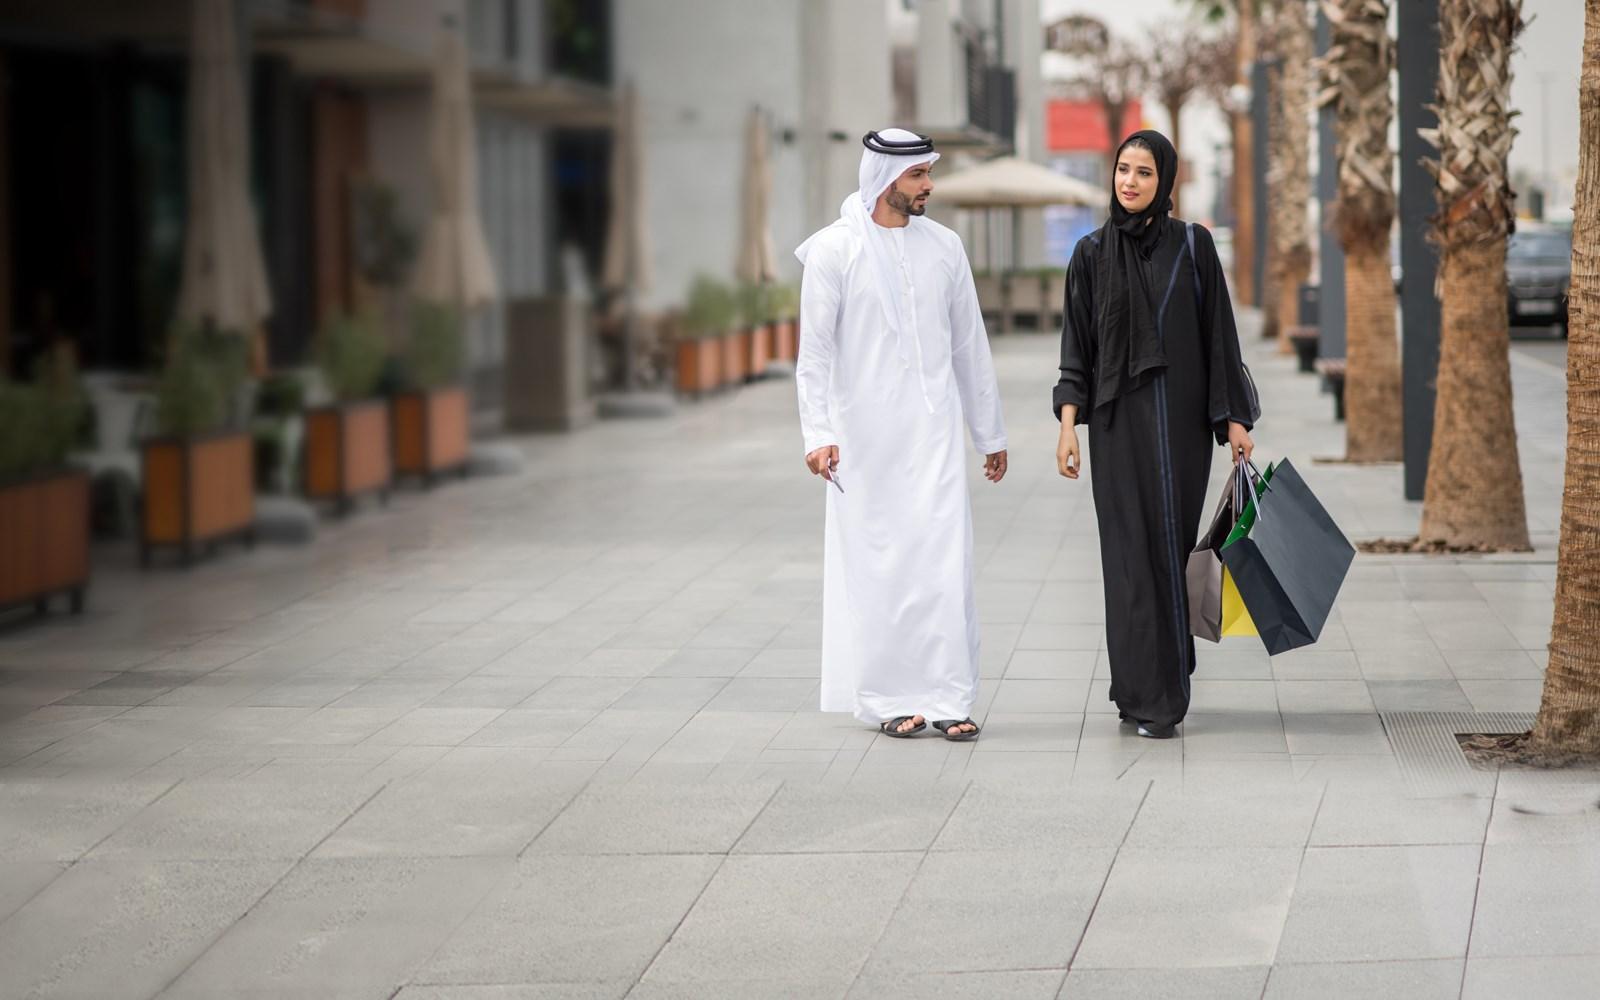 Особенности менталитета в ОАЭ